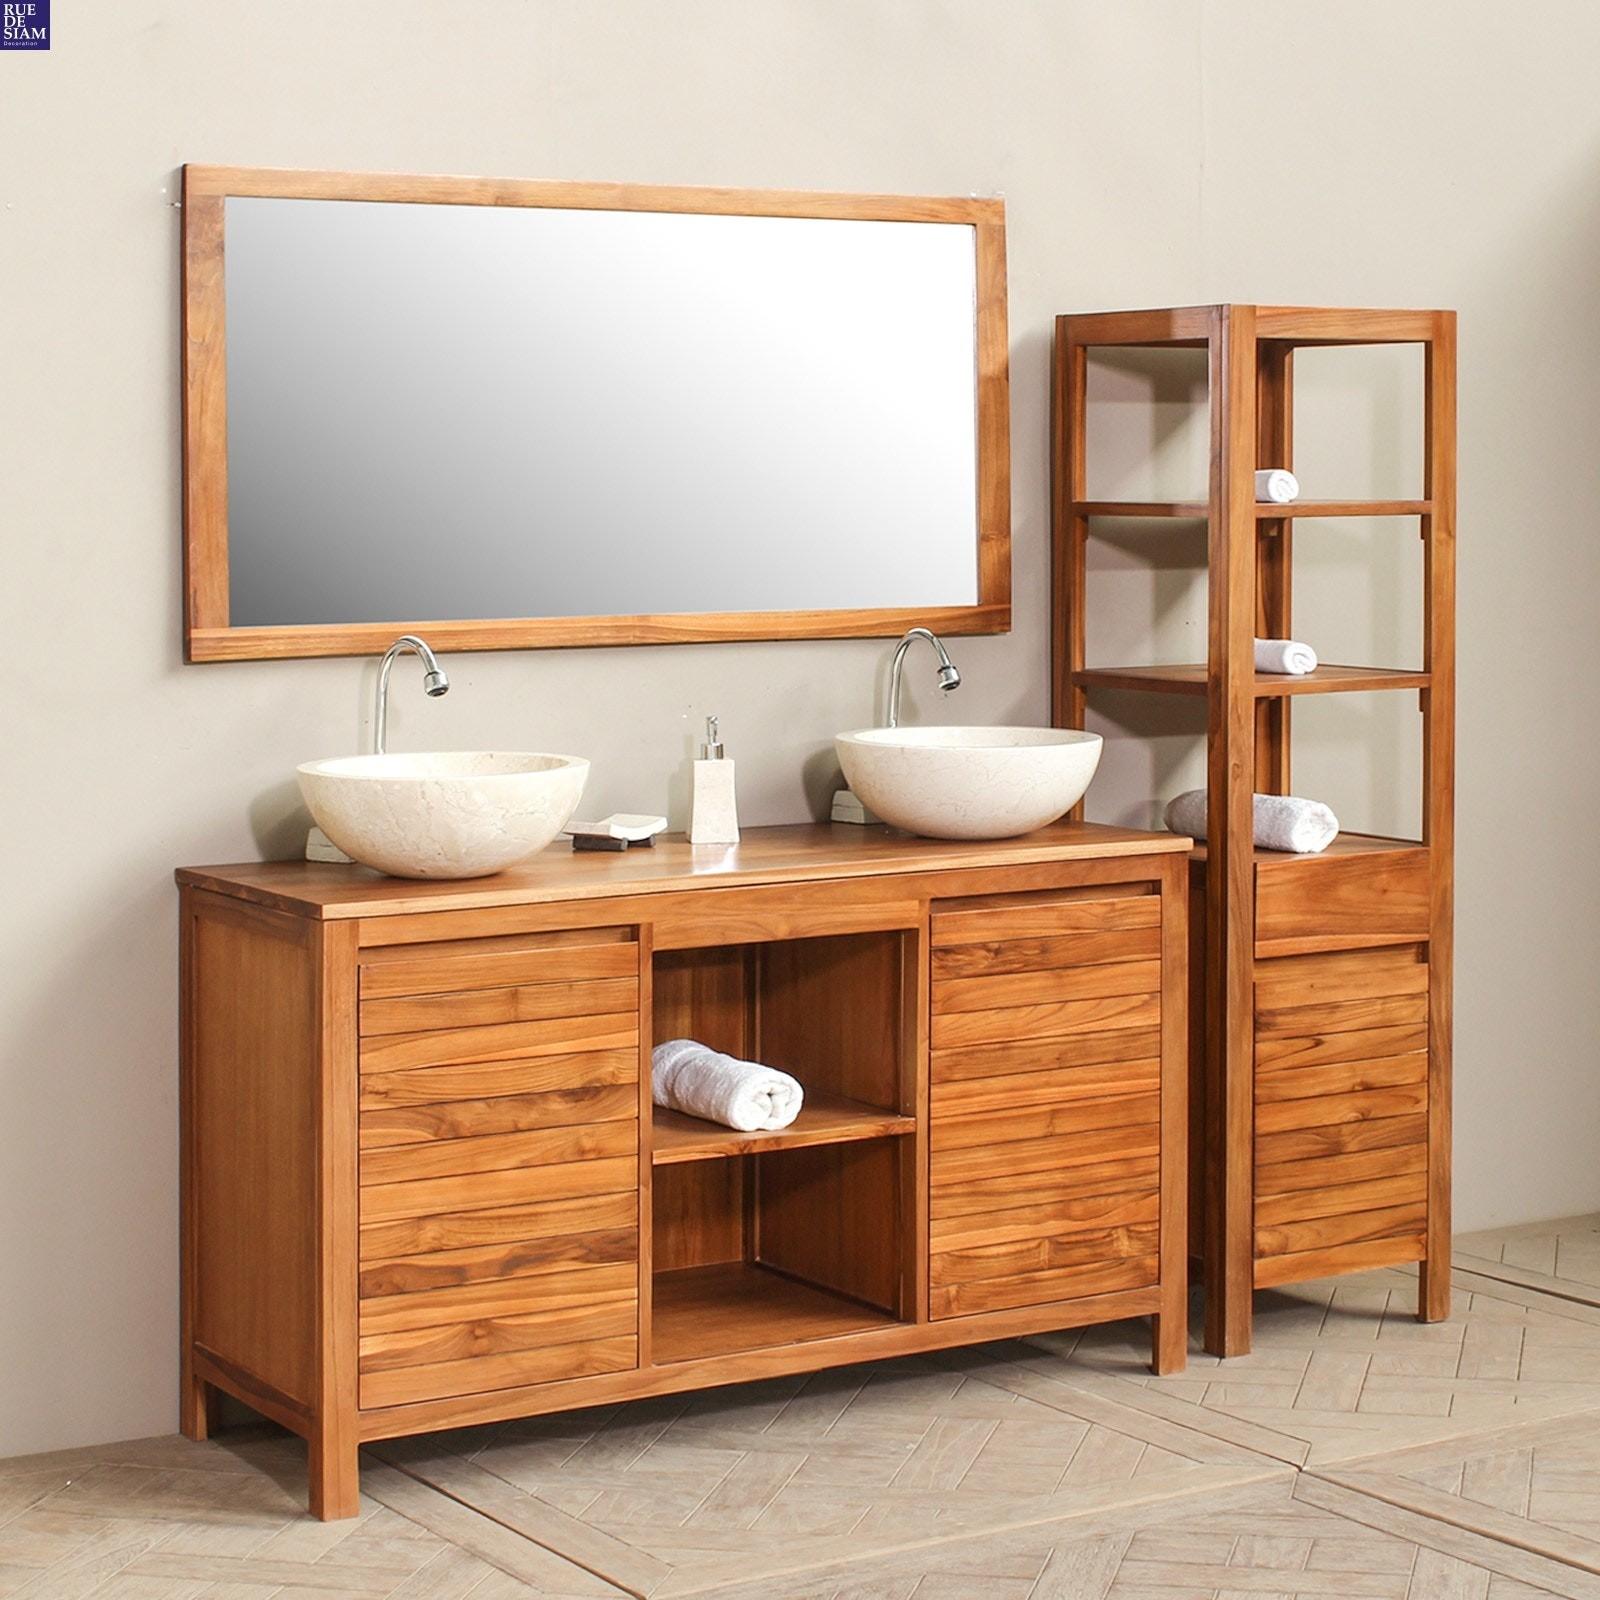 Vasque à Poser Ikea Meilleur De Galerie Meuble Pour Vasque 21 Salle De Bain 2 Avec Fabriquer Double Et